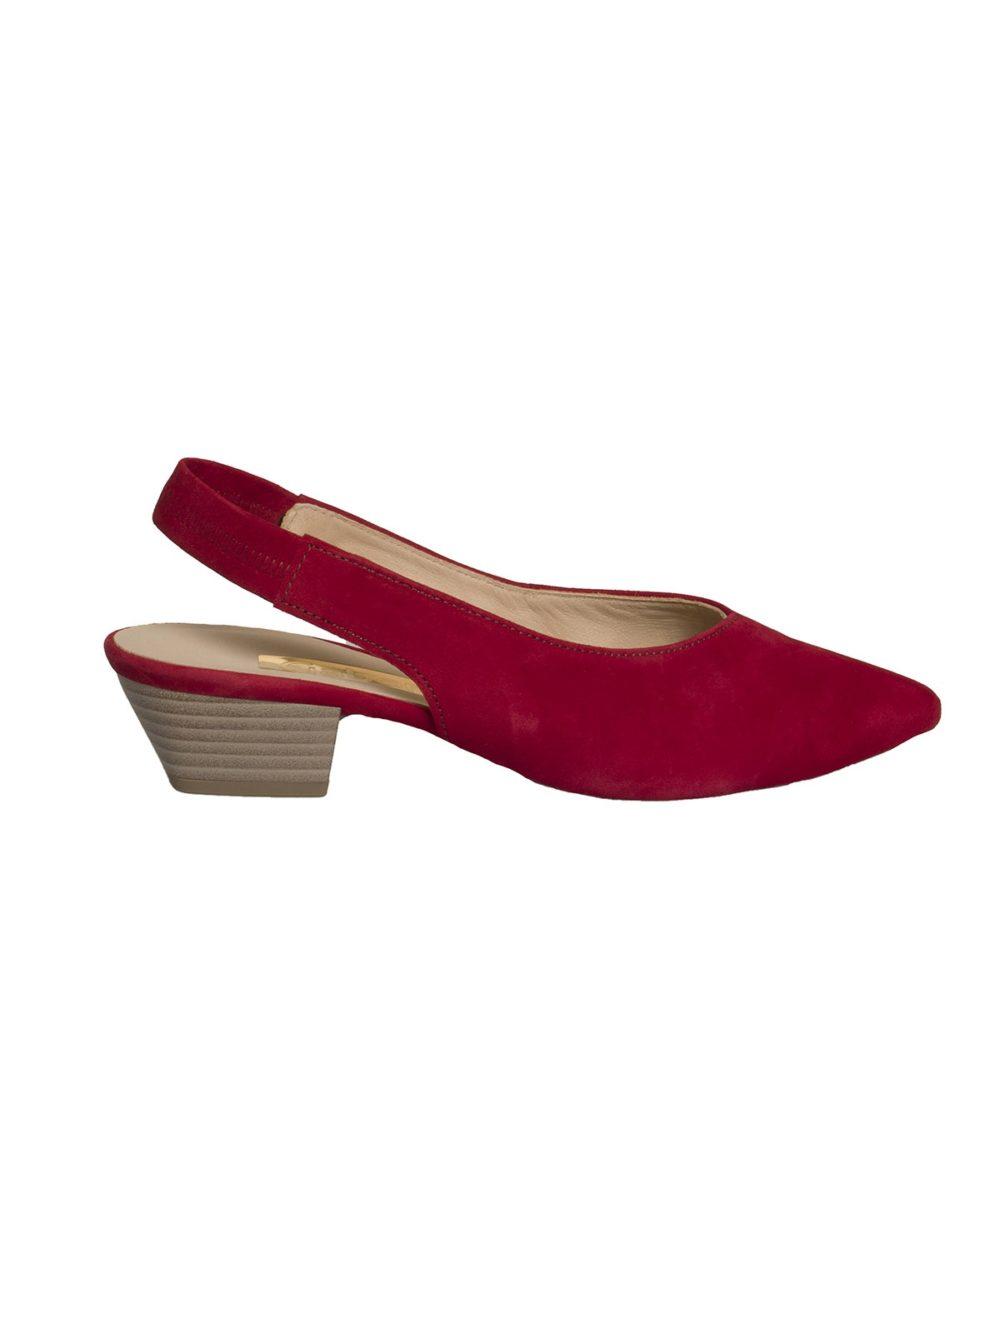 Heathcliff Shoe Gabor Shoes Katie Kerr Women's Shoes